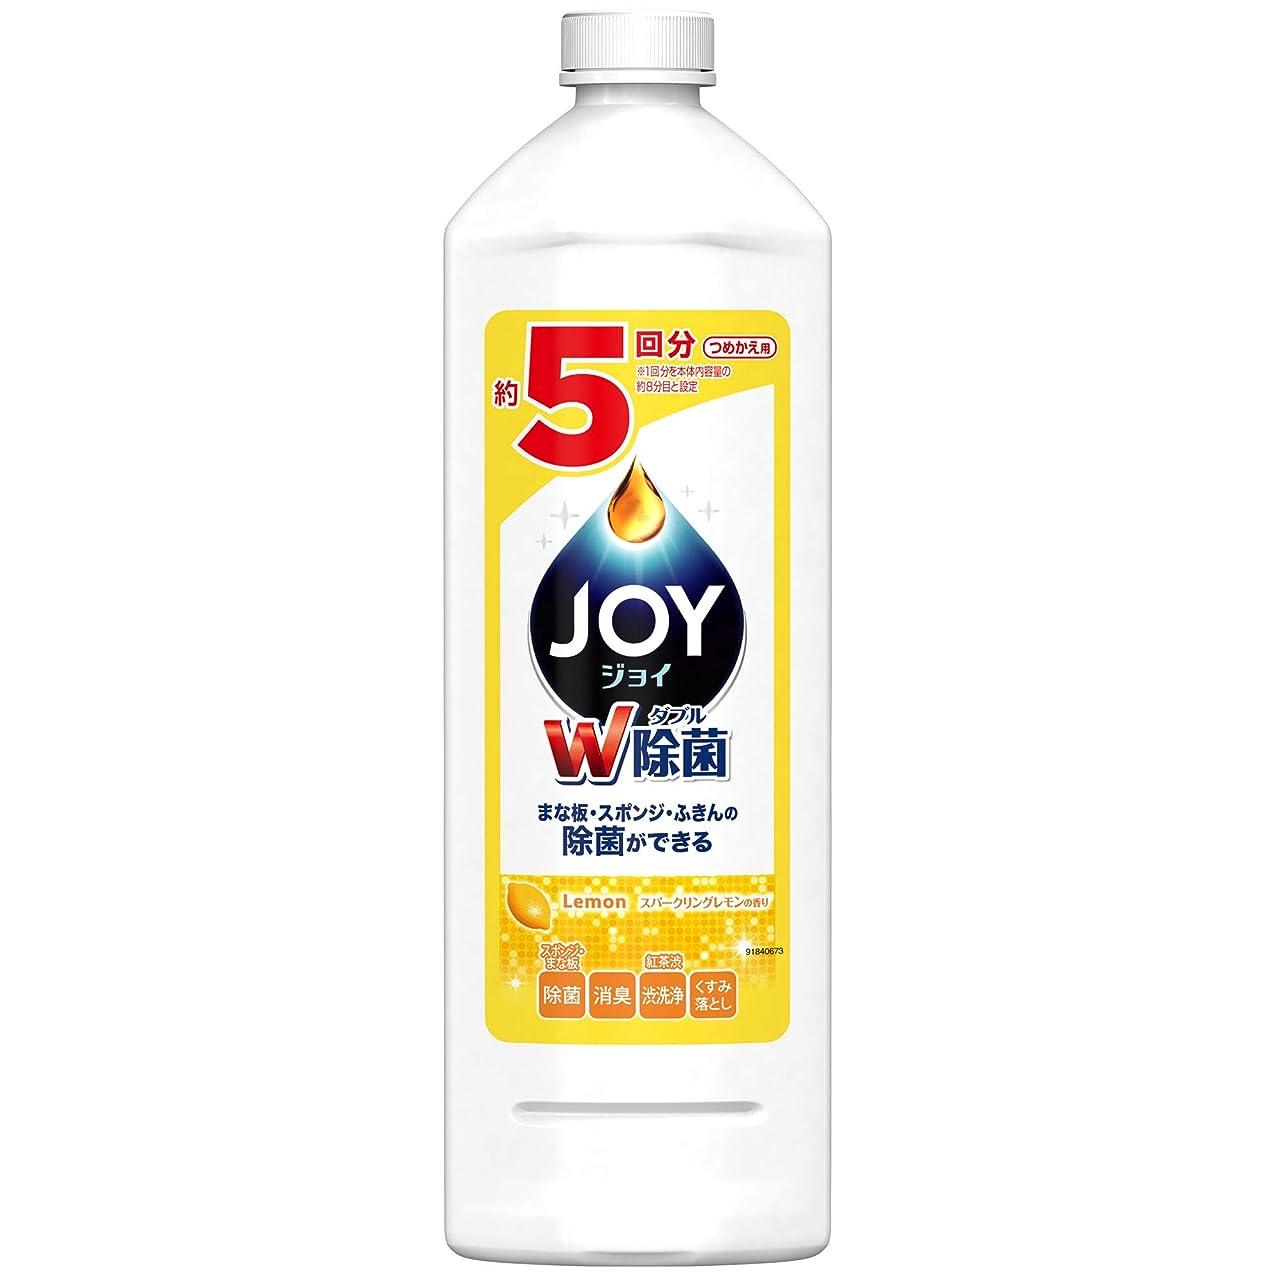 制限する過ちアルコーブ【大容量】 除菌ジョイ コンパクト 食器用洗剤 スパークリングレモンの香り 特大 770ml